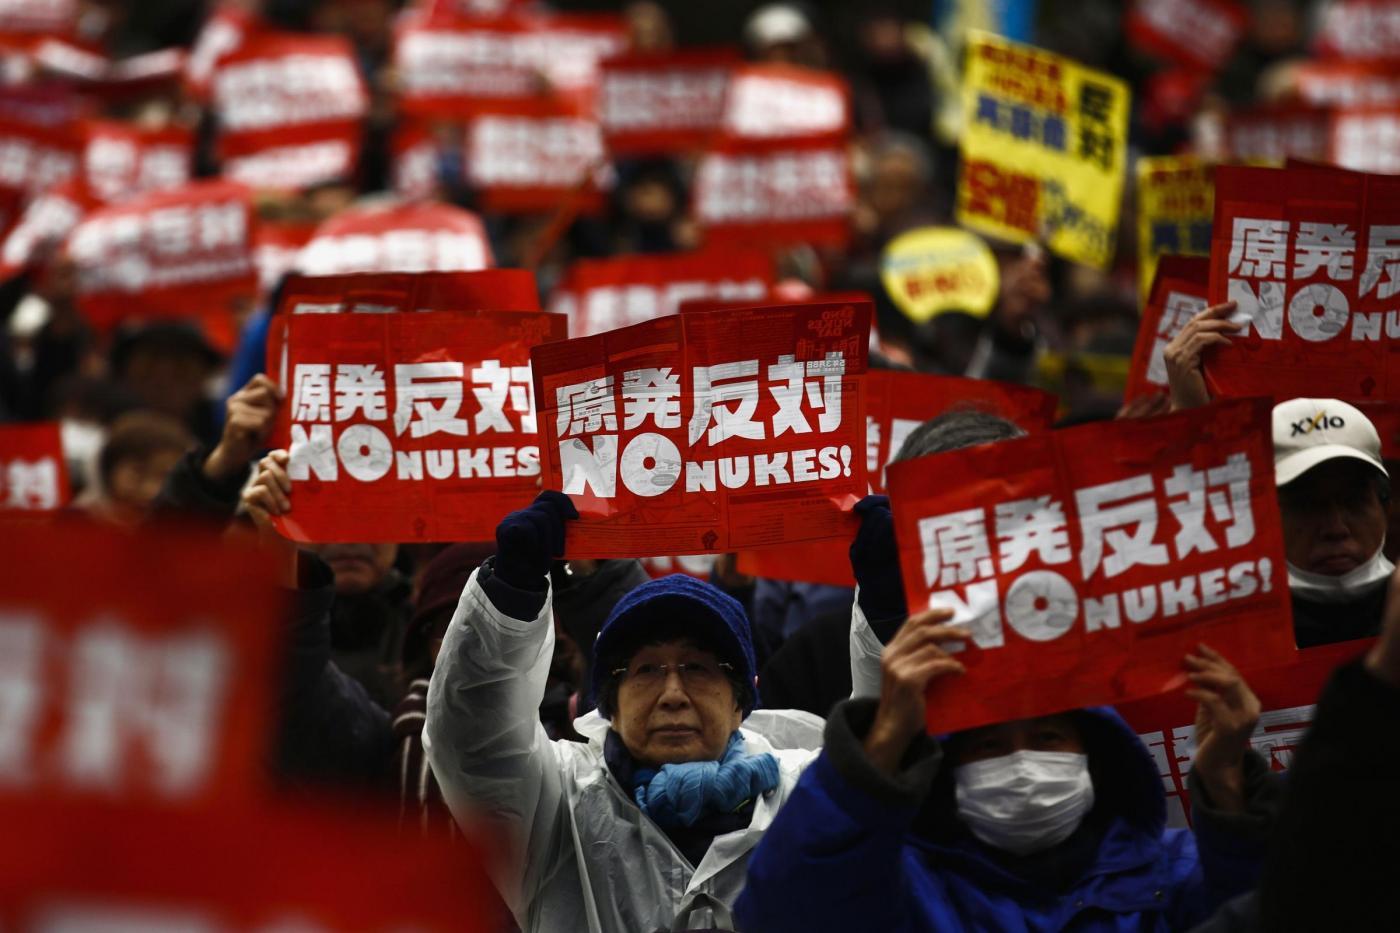 Tokyo  la manifestazione contro l energia nucleare nel centro della ... 9b2dce72289a